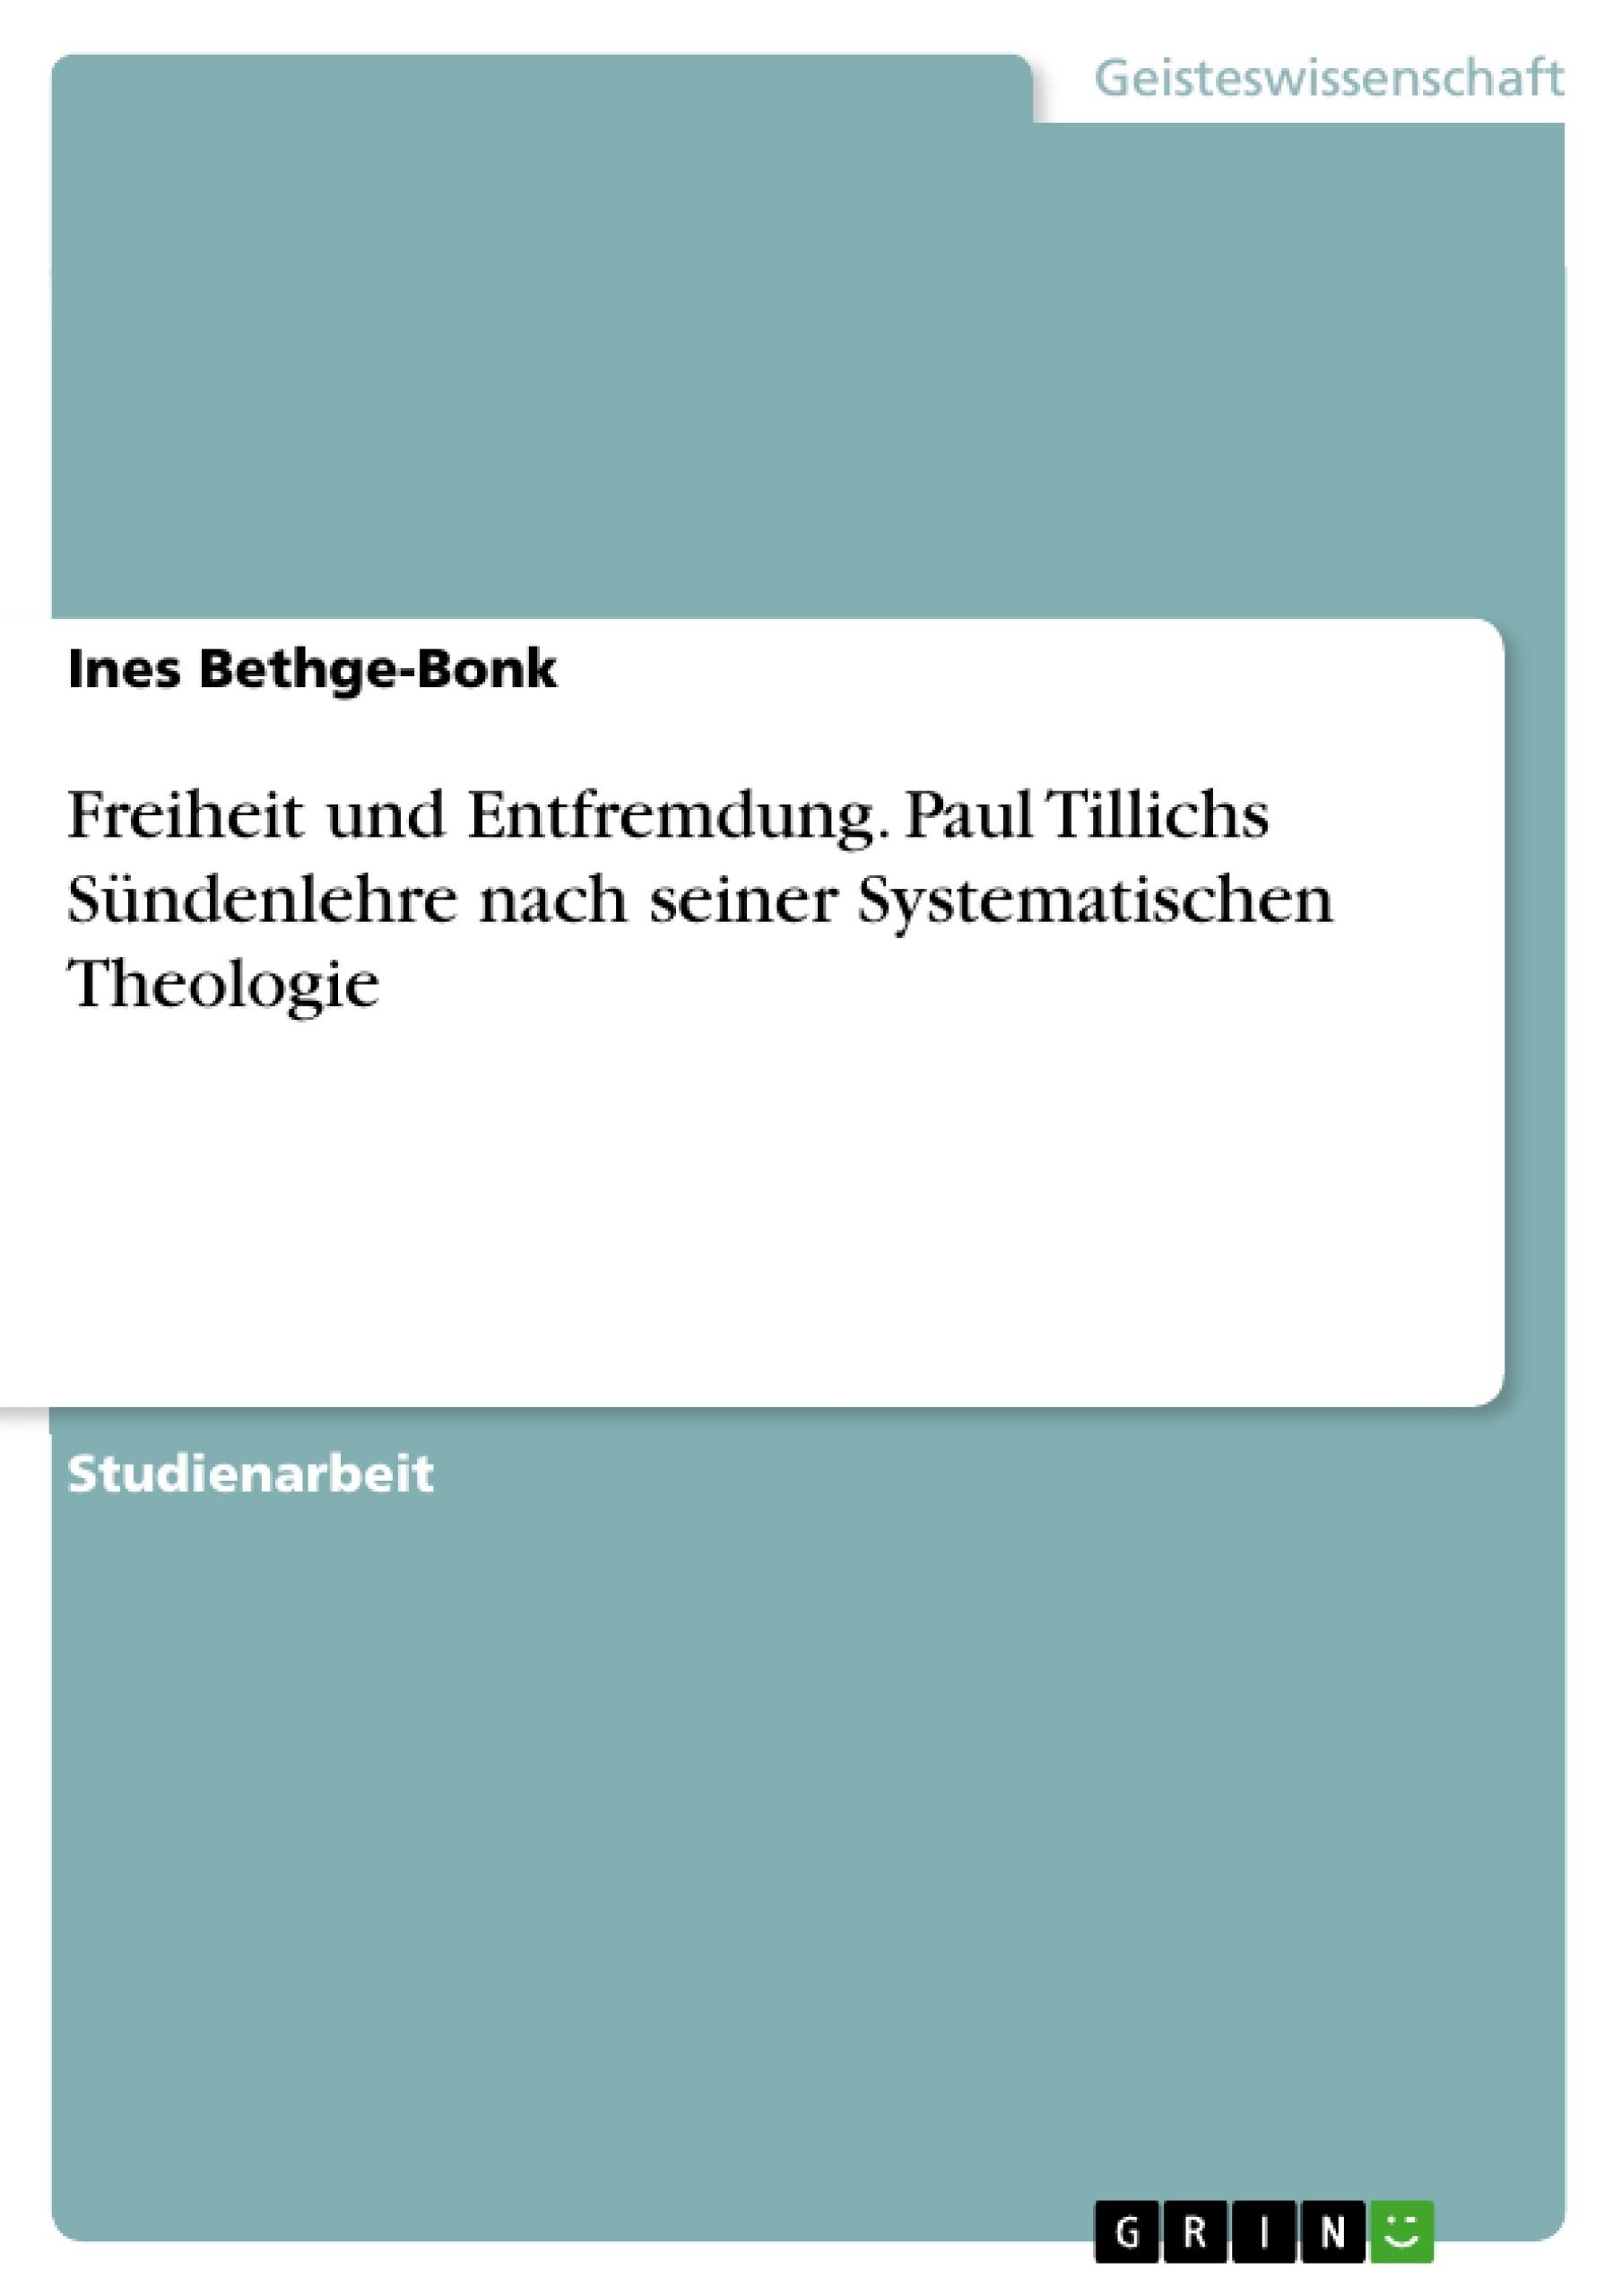 Titel: Freiheit und Entfremdung. Paul Tillichs Sündenlehre nach seiner Systematischen Theologie